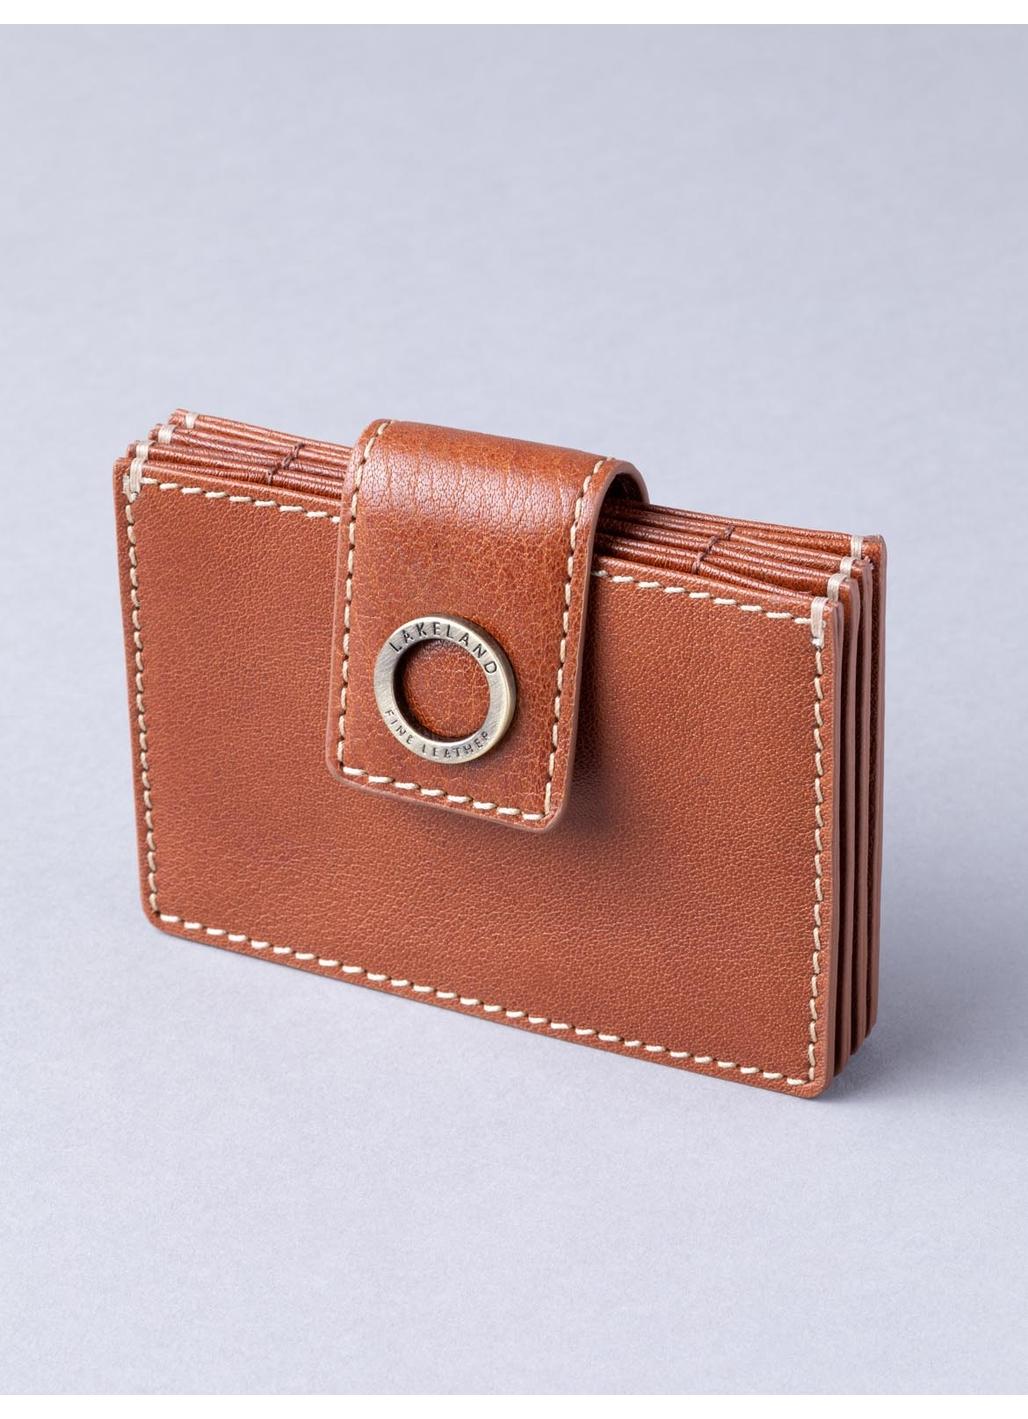 Birthwaite Leather Credit Card Holder in Cognac